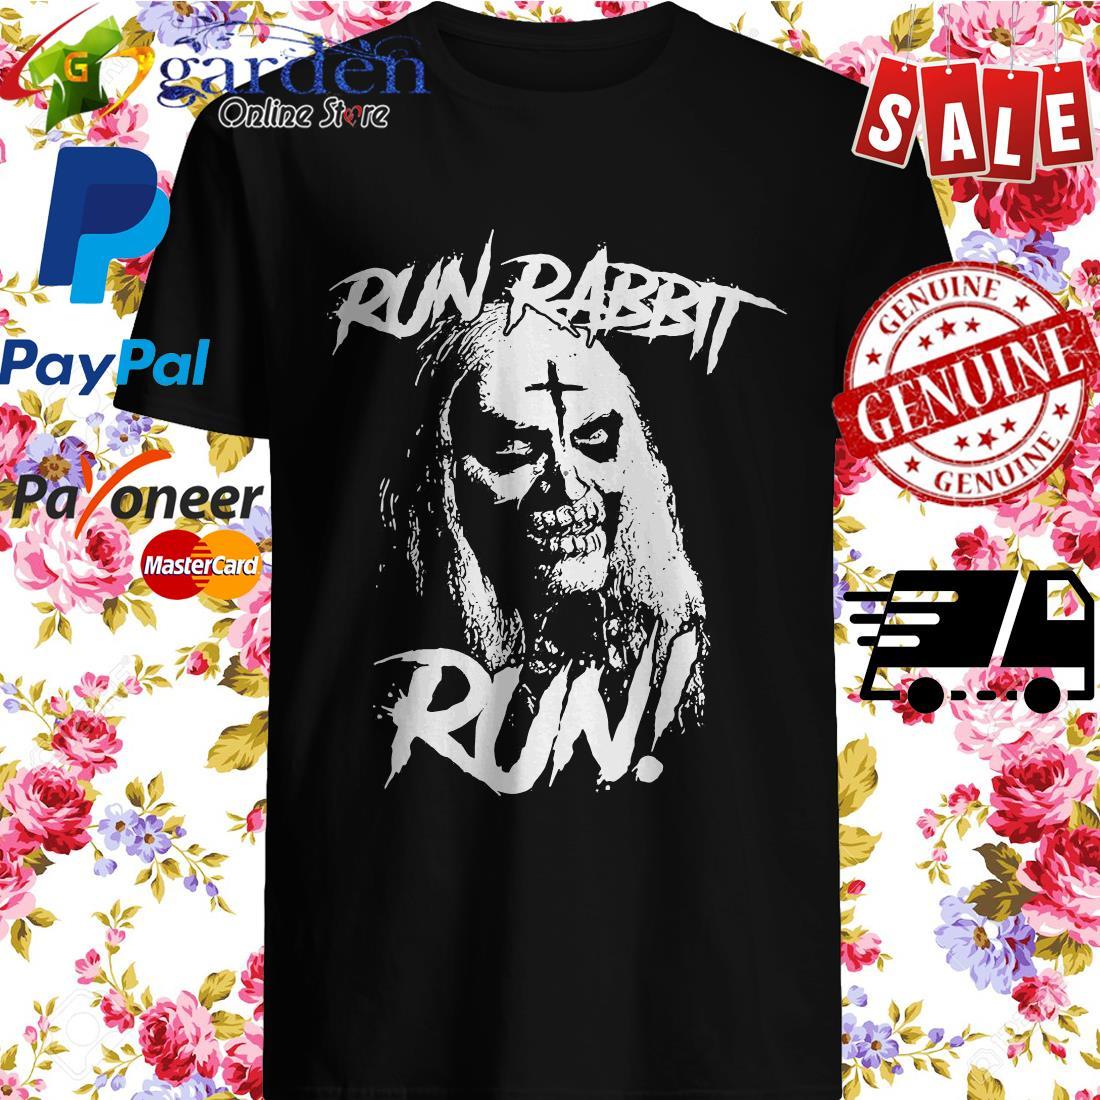 Otis B. Driftwood Run Rabbit Run Shirt